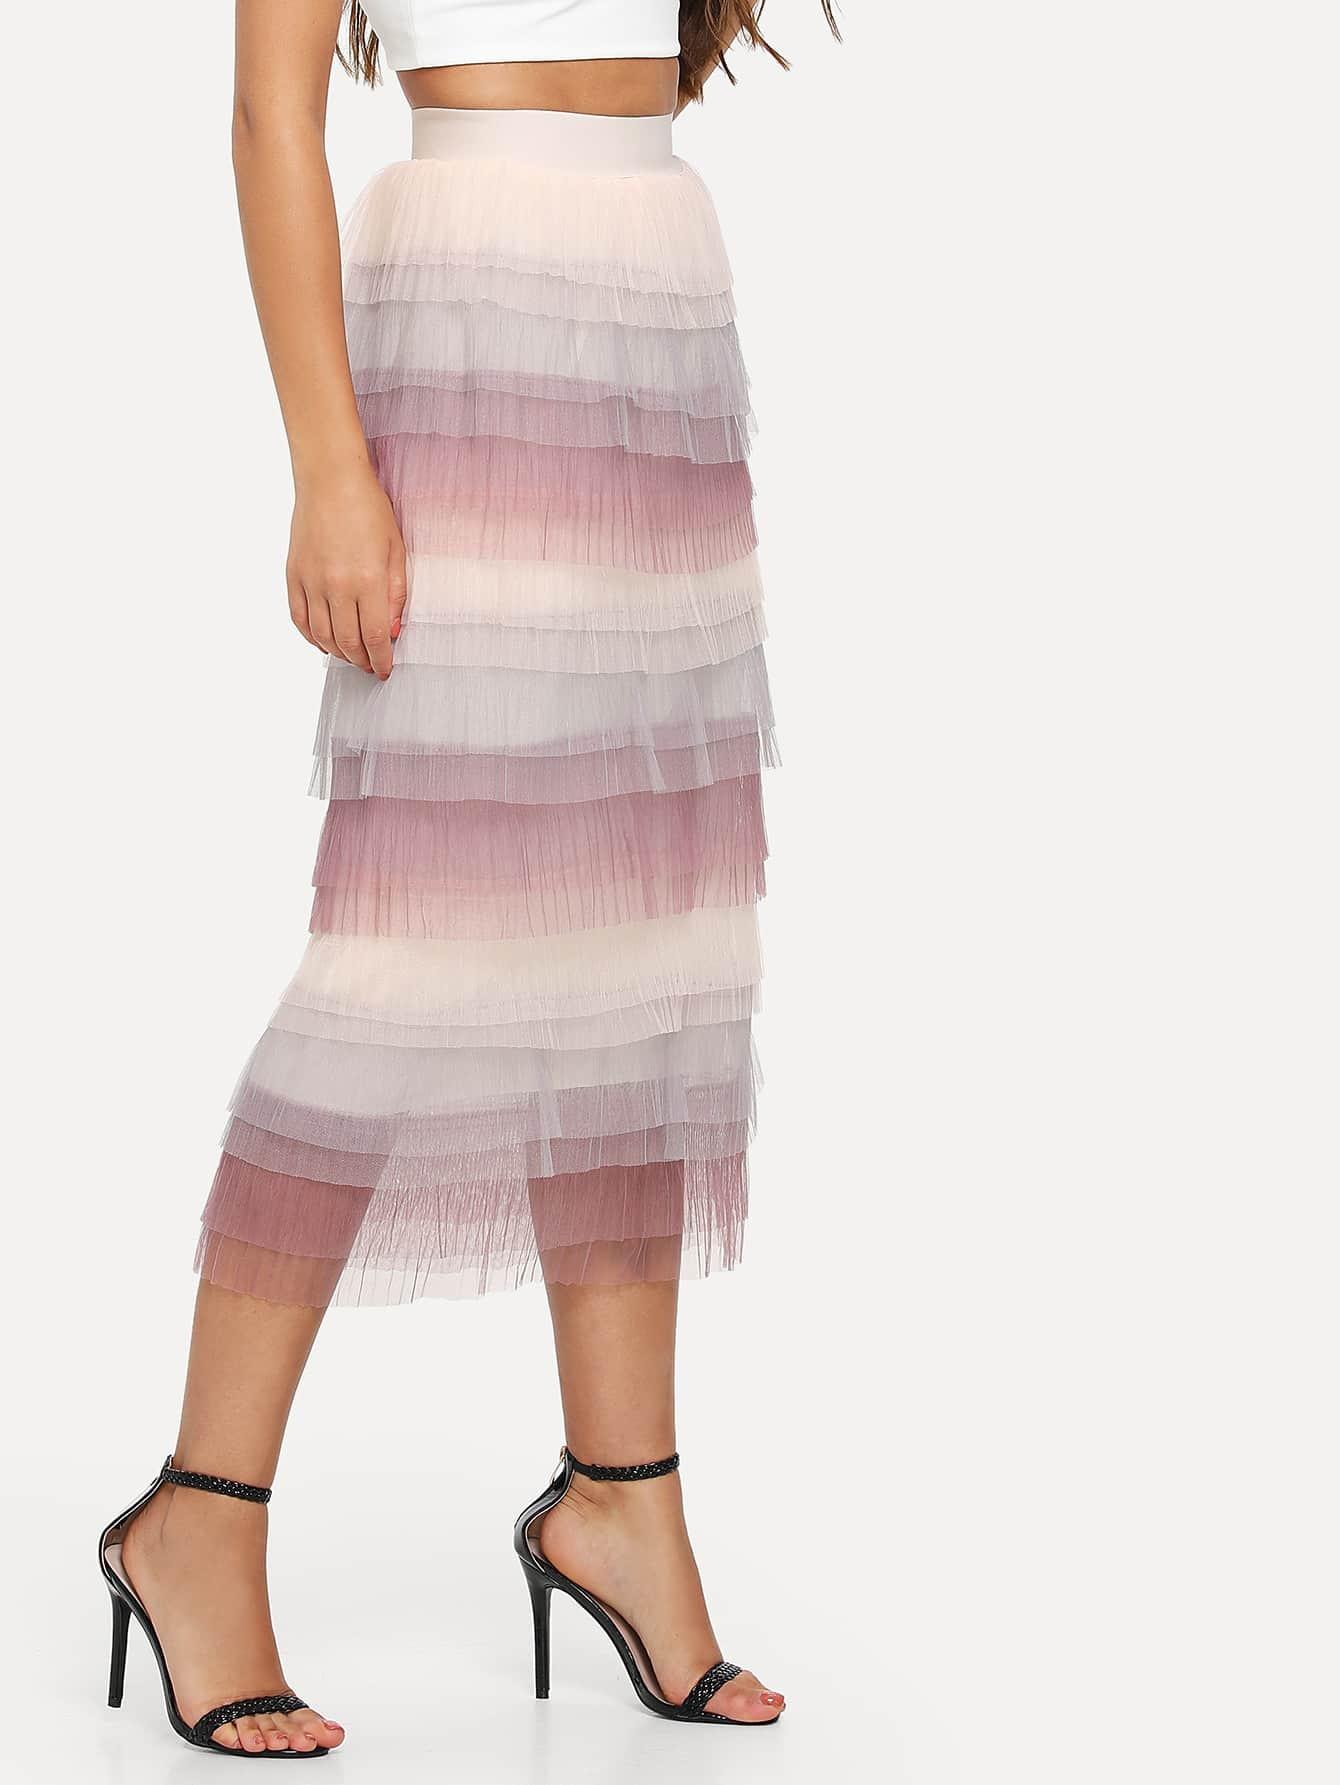 Tiered Layered Mesh Skirt layered organza skirt